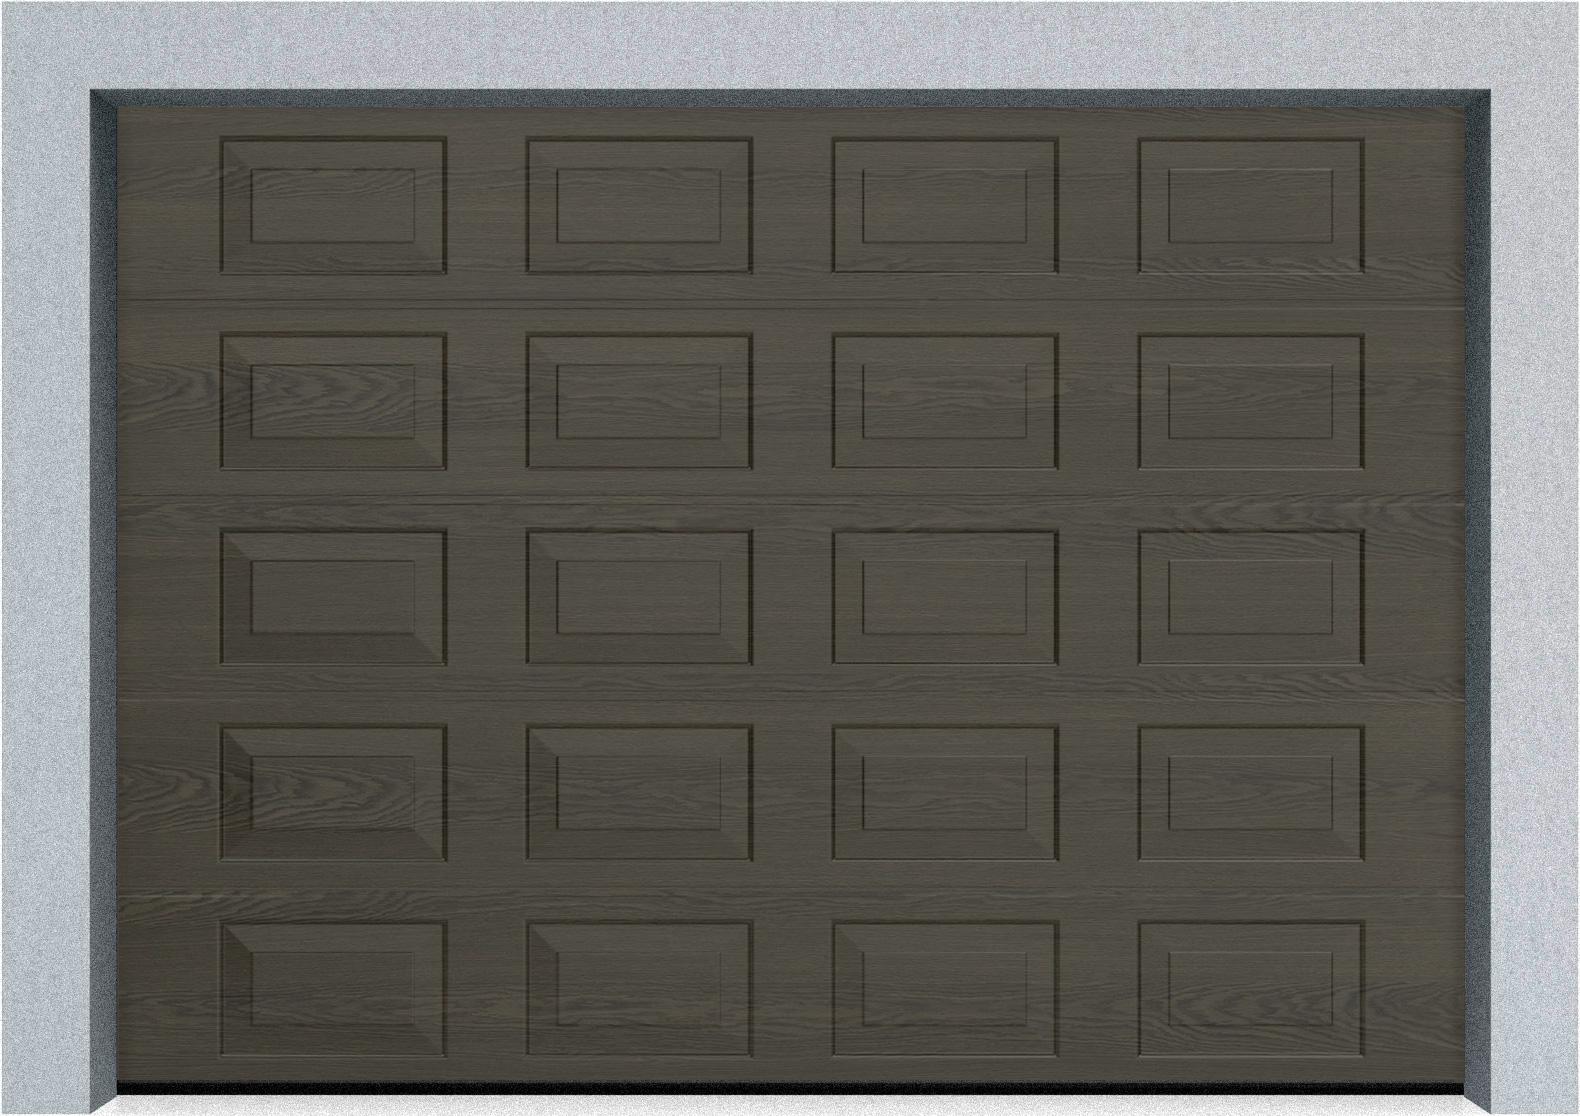 Секционные гаражные ворота DoorHan RSD01 2900x1900 Филенка цвета под дерево, пружины растяжения, фото 2